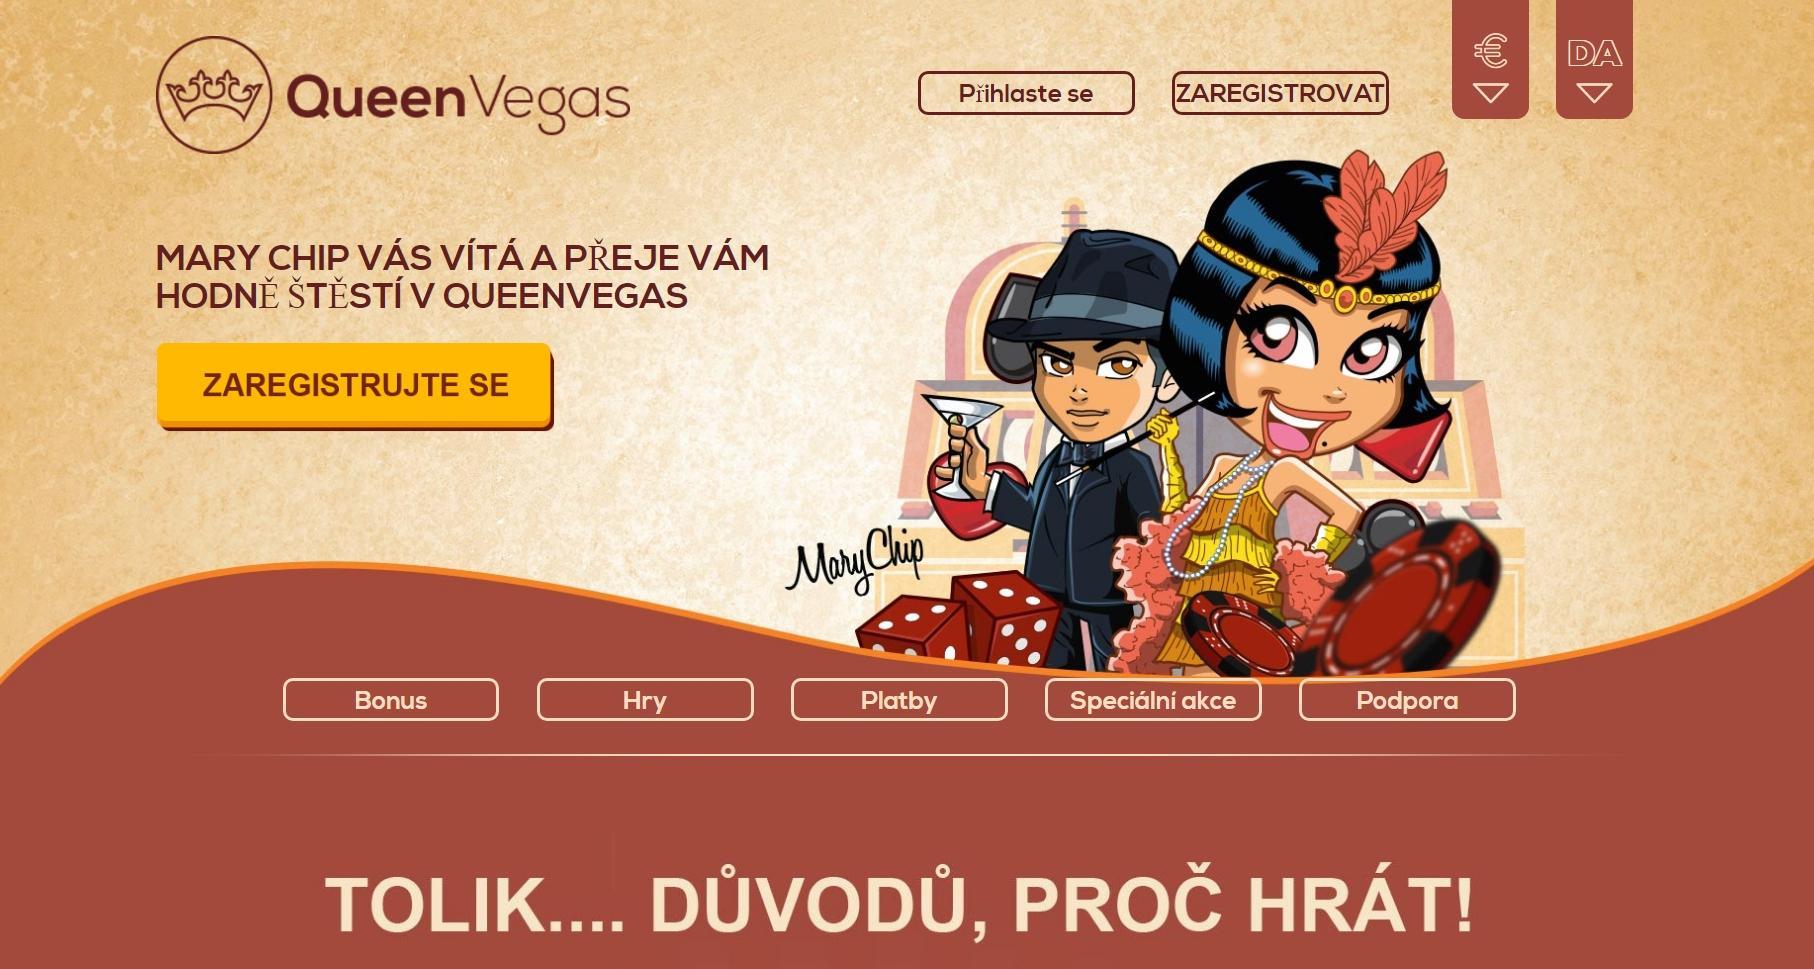 Poznejte online casino QueenVegas! | Znáte online casino OueenVegas? Ne? Pak je nejvyšší čas to napravit. Casino OueenVegas vám splní i ta nejskrytější přání a zcela jistě uspokojí rovněž velmi náročné milovníky hazardních her. Tady si zkrátka vybere každý, stačí prostě vyzkoušet. Casino QueenVegas je k dispozici kdykoliv a můžete se bavit pěkně z pohodlí vašeho domova.